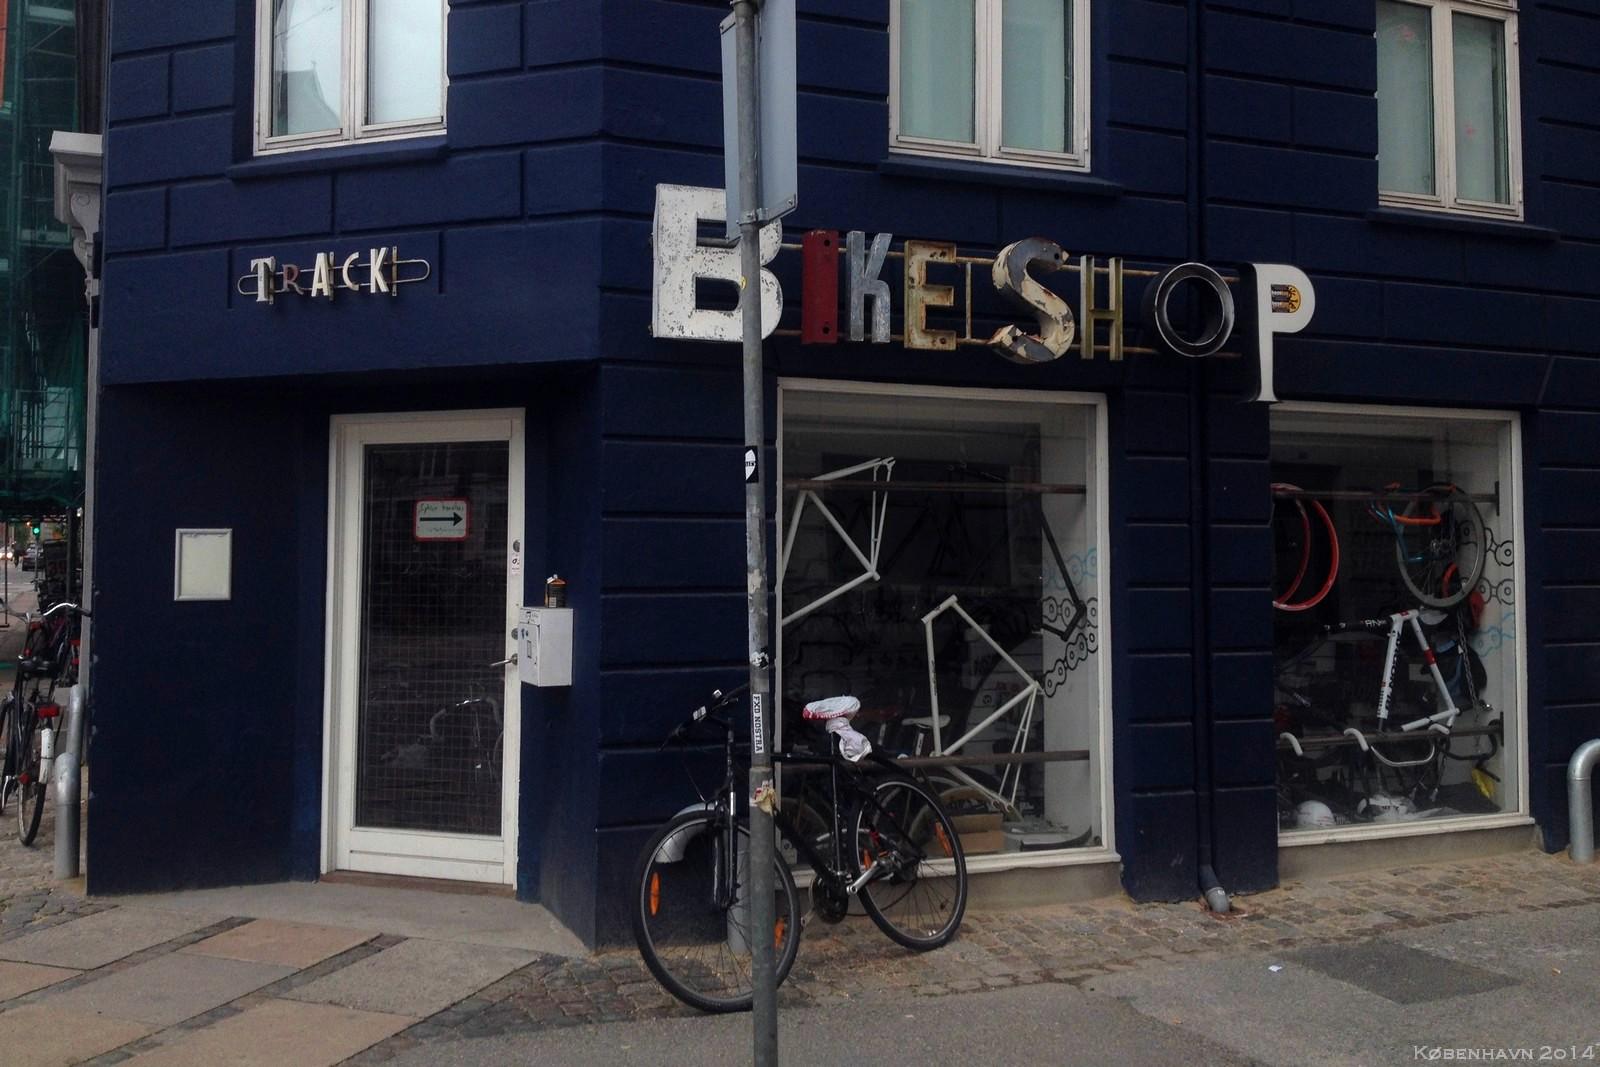 Bikeshop, København, Denmark